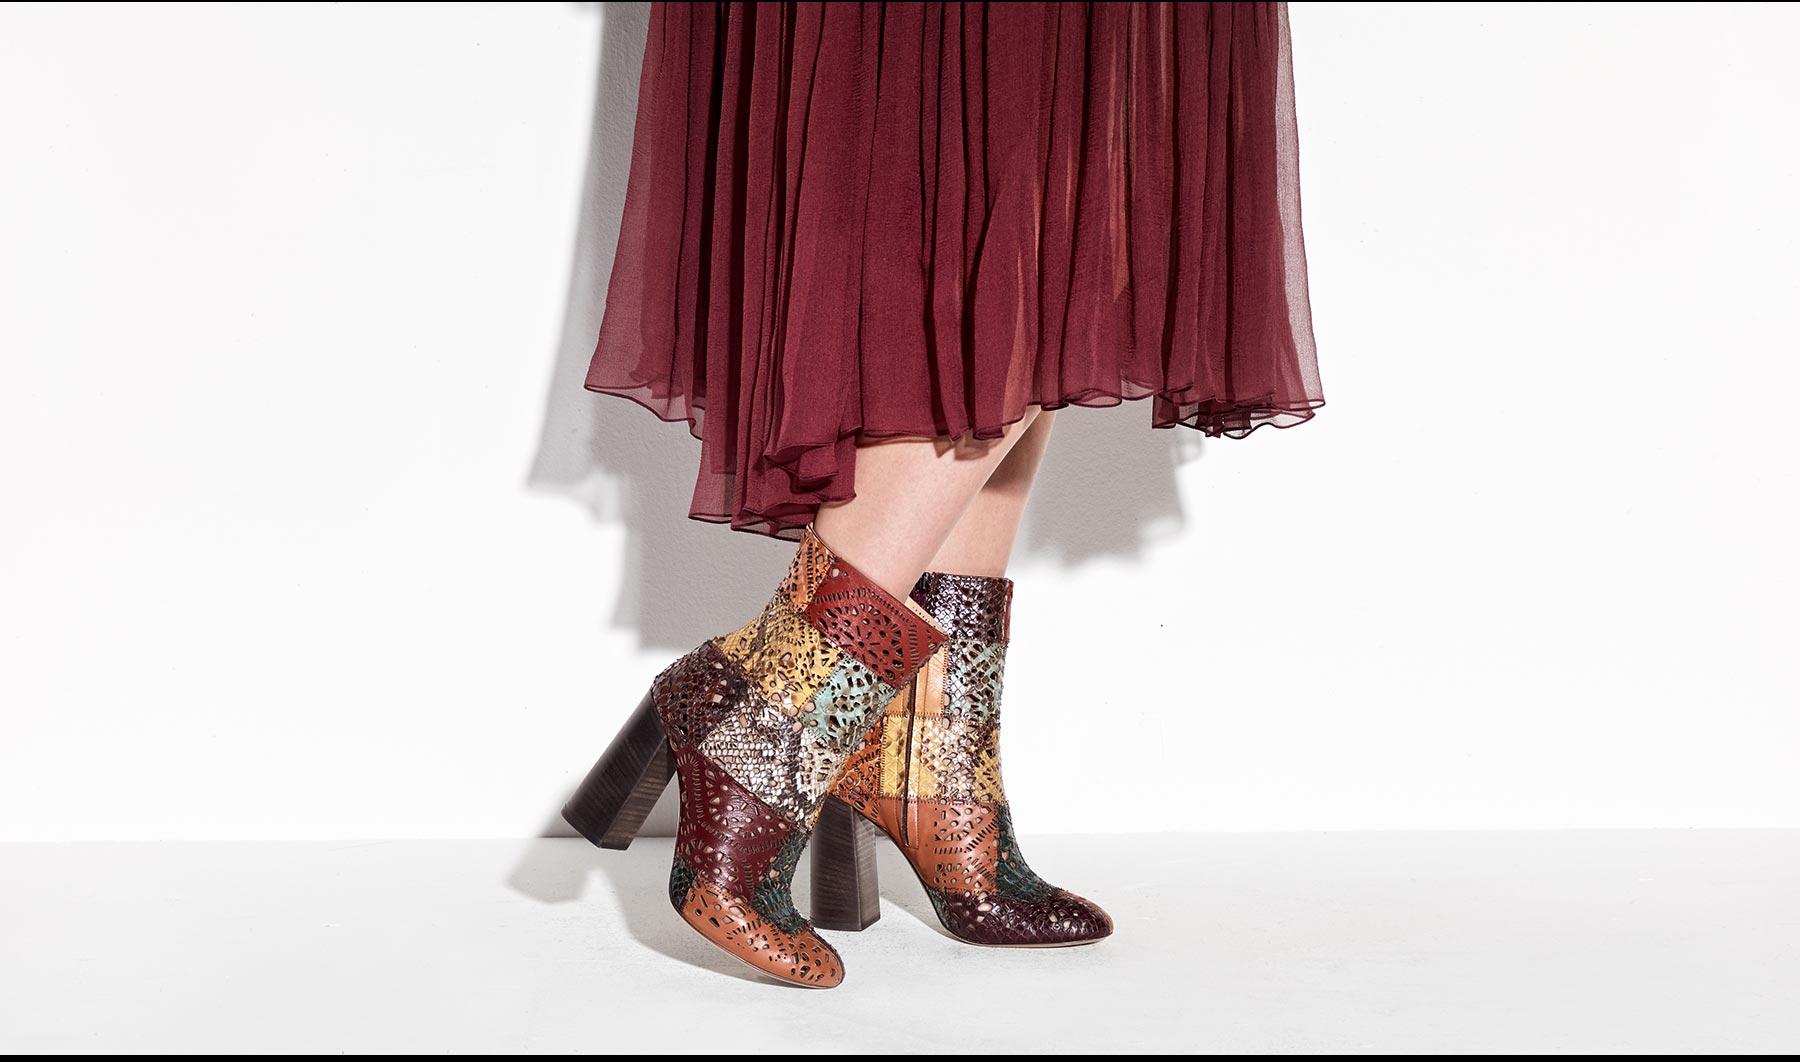 chloe red handbag - Chloe Handbags : Shoulder, Tote Bags & Hobo Bags at Bergdorf Goodman